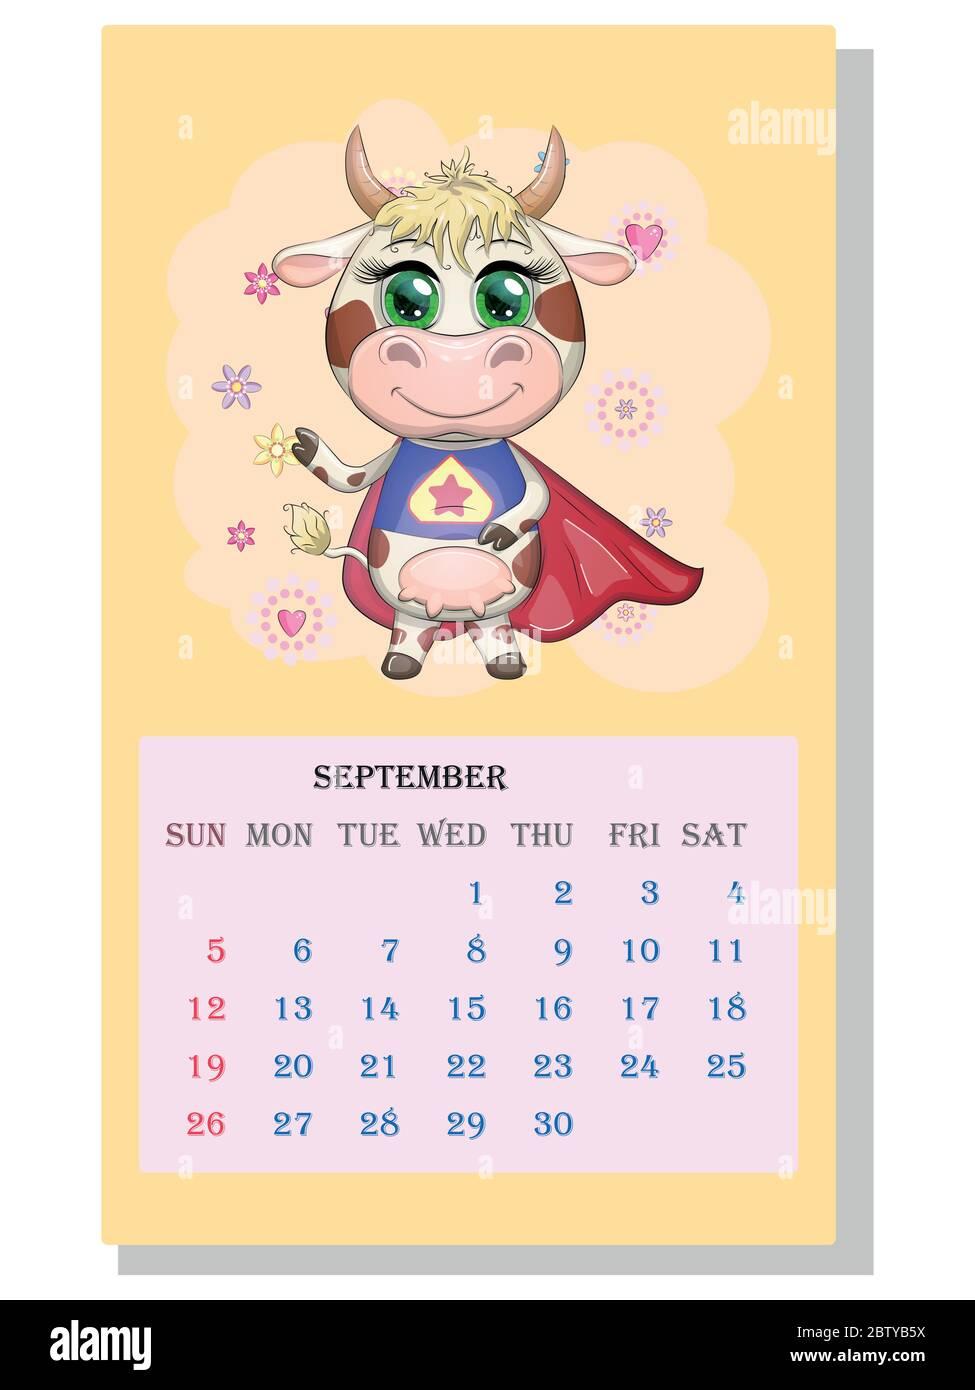 Calendario 2021. Il toro è un simbolo del nuovo anno, la mucca di